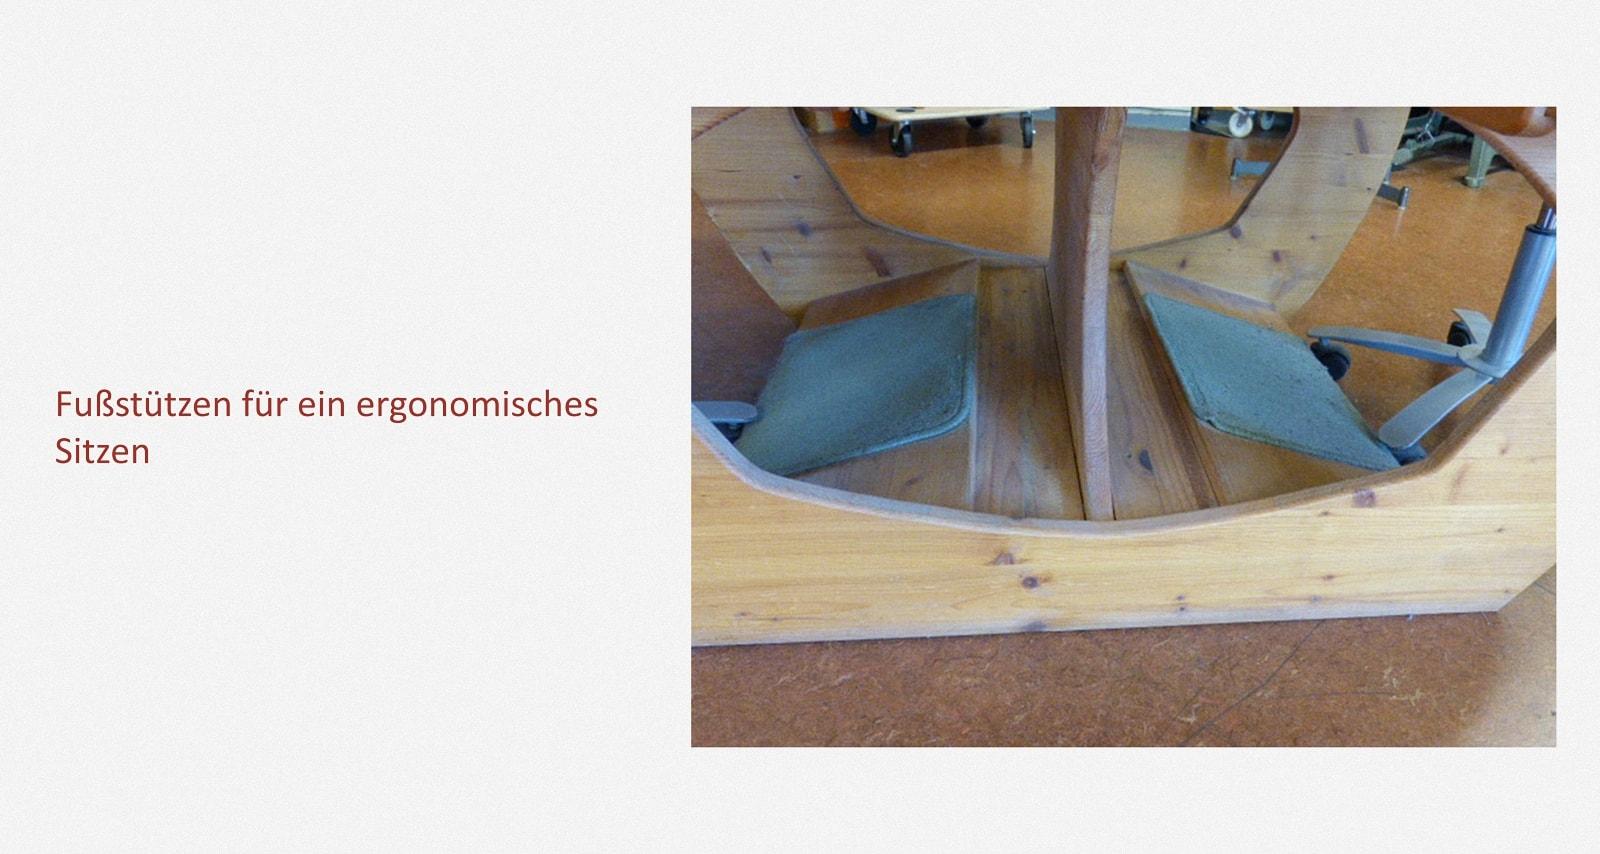 Produktion Schulhefte: Arbeitstisch – Blätter falten Karl-Schubert-Werkstätten – Filderstadt Papierwerkstatt Entwickler: Hans Martin Nüssle